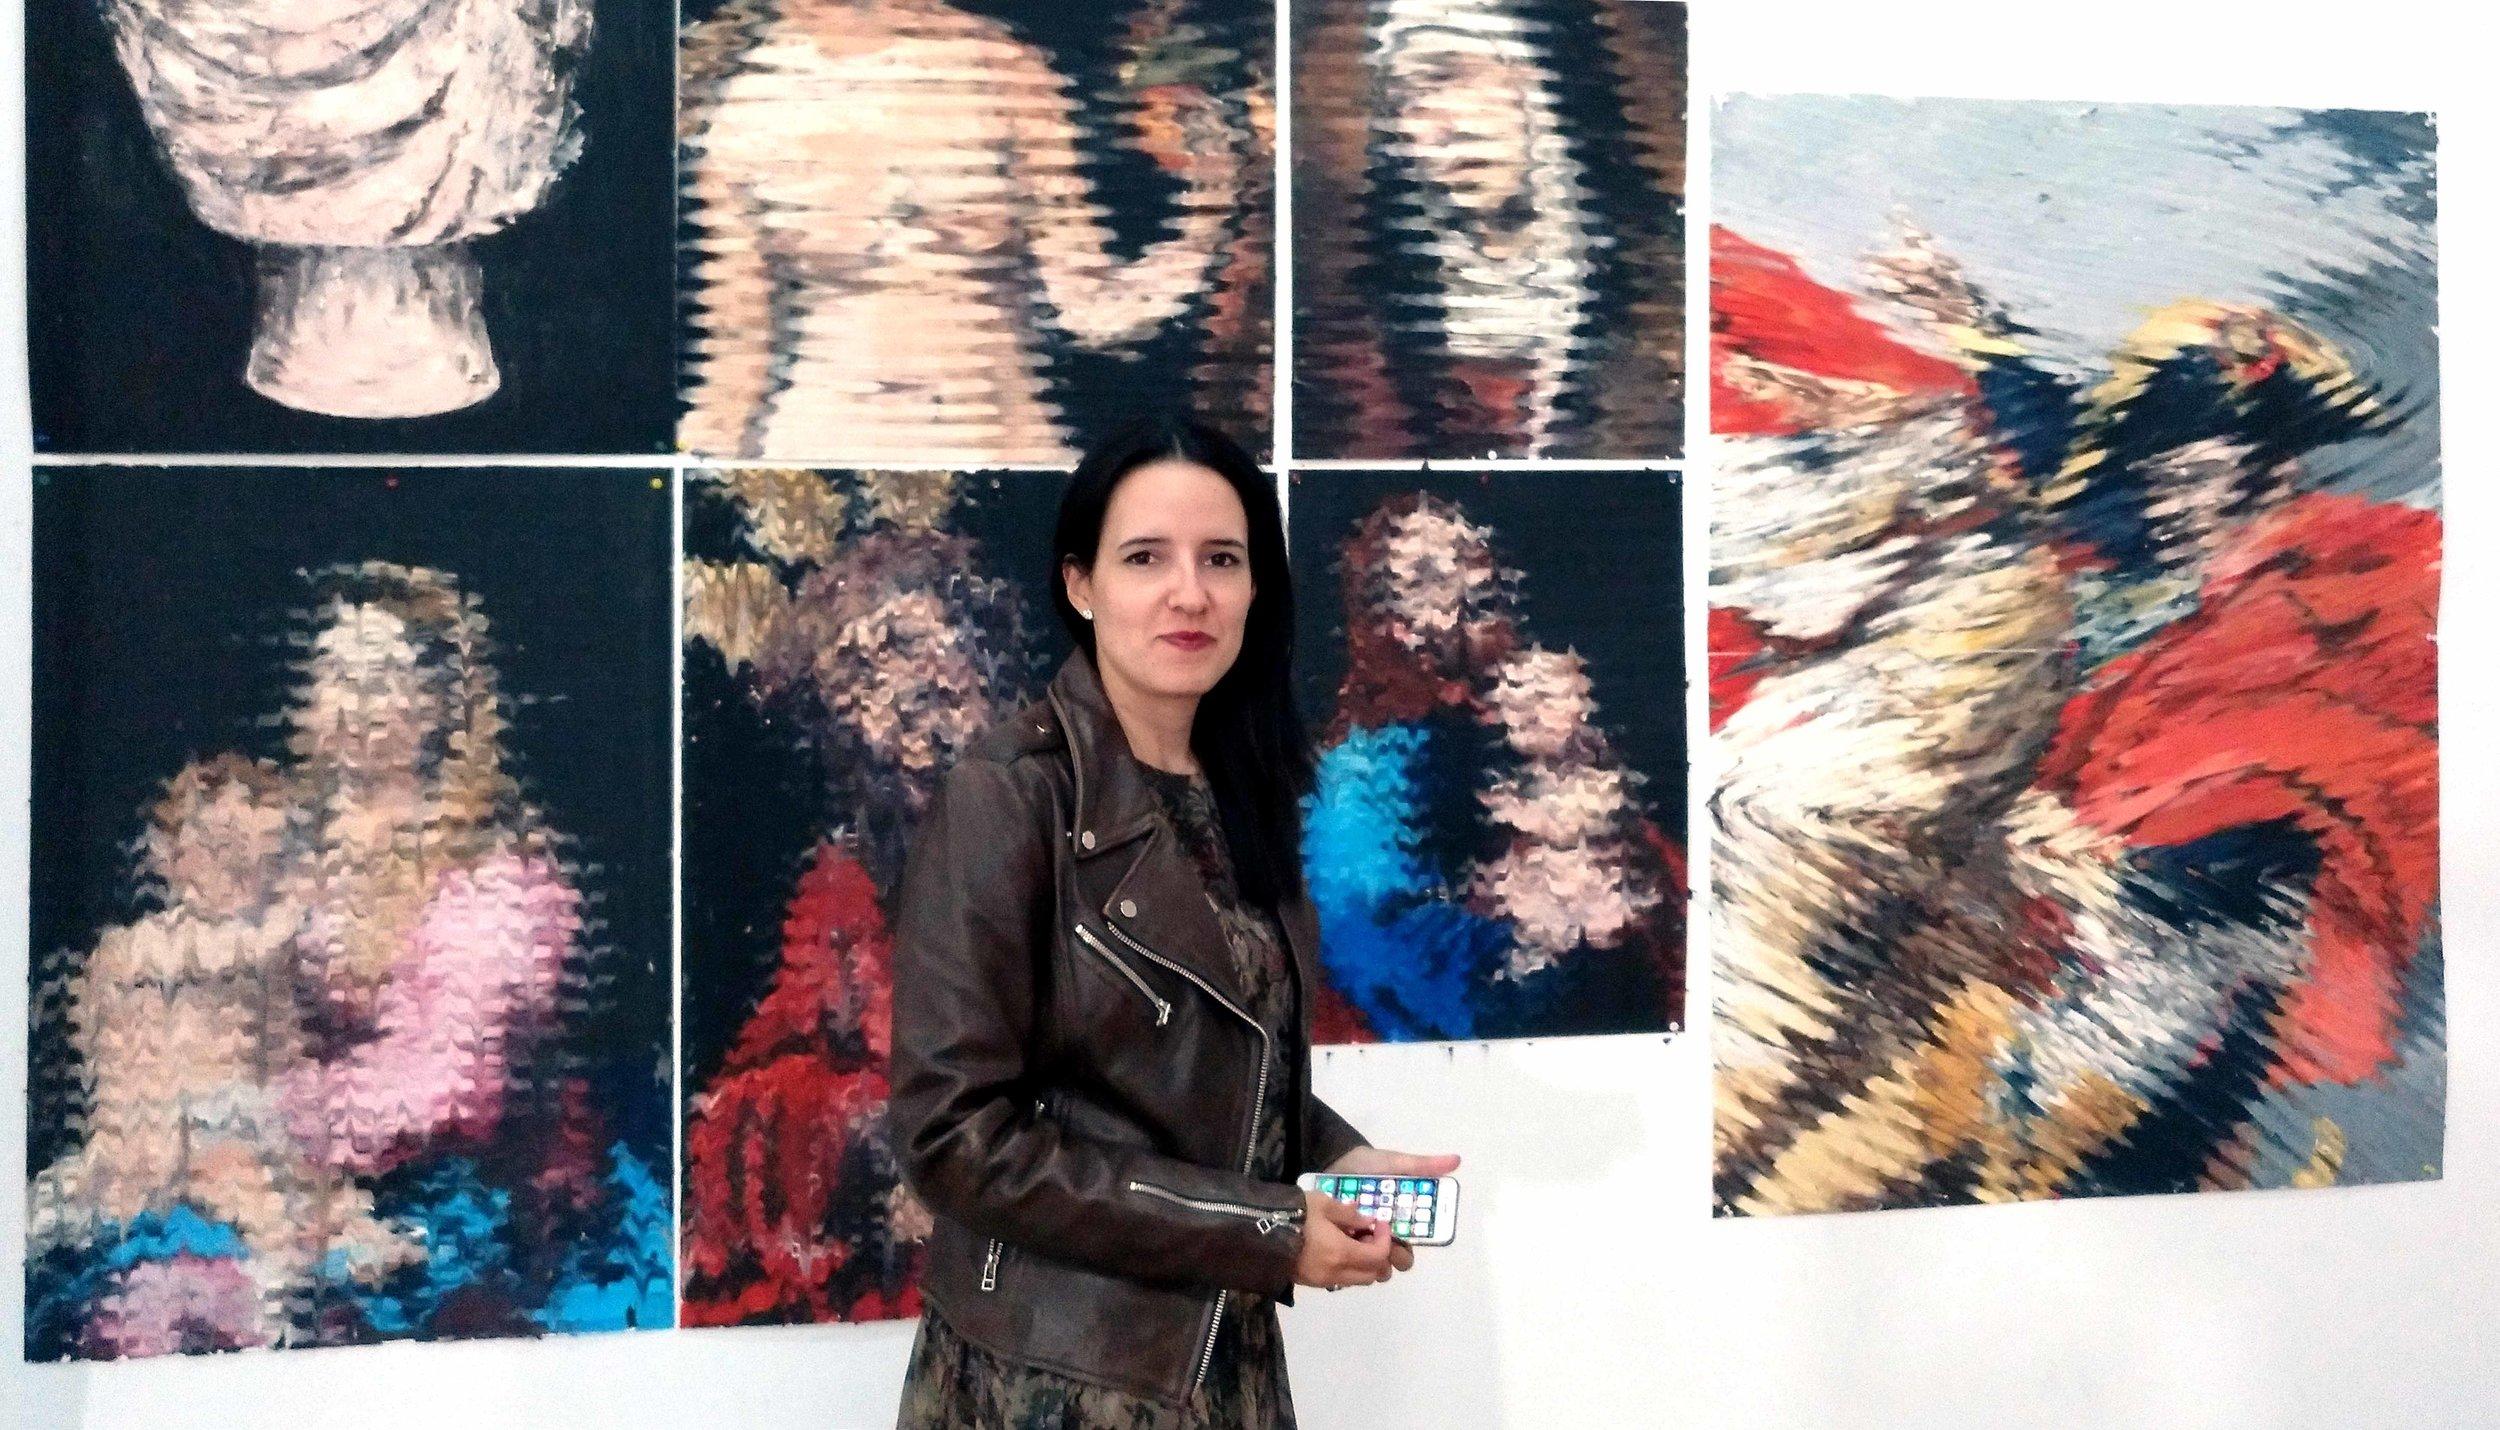 eldevenir-maria-rosa-jurado-rafa-jimenez-artista.jpg